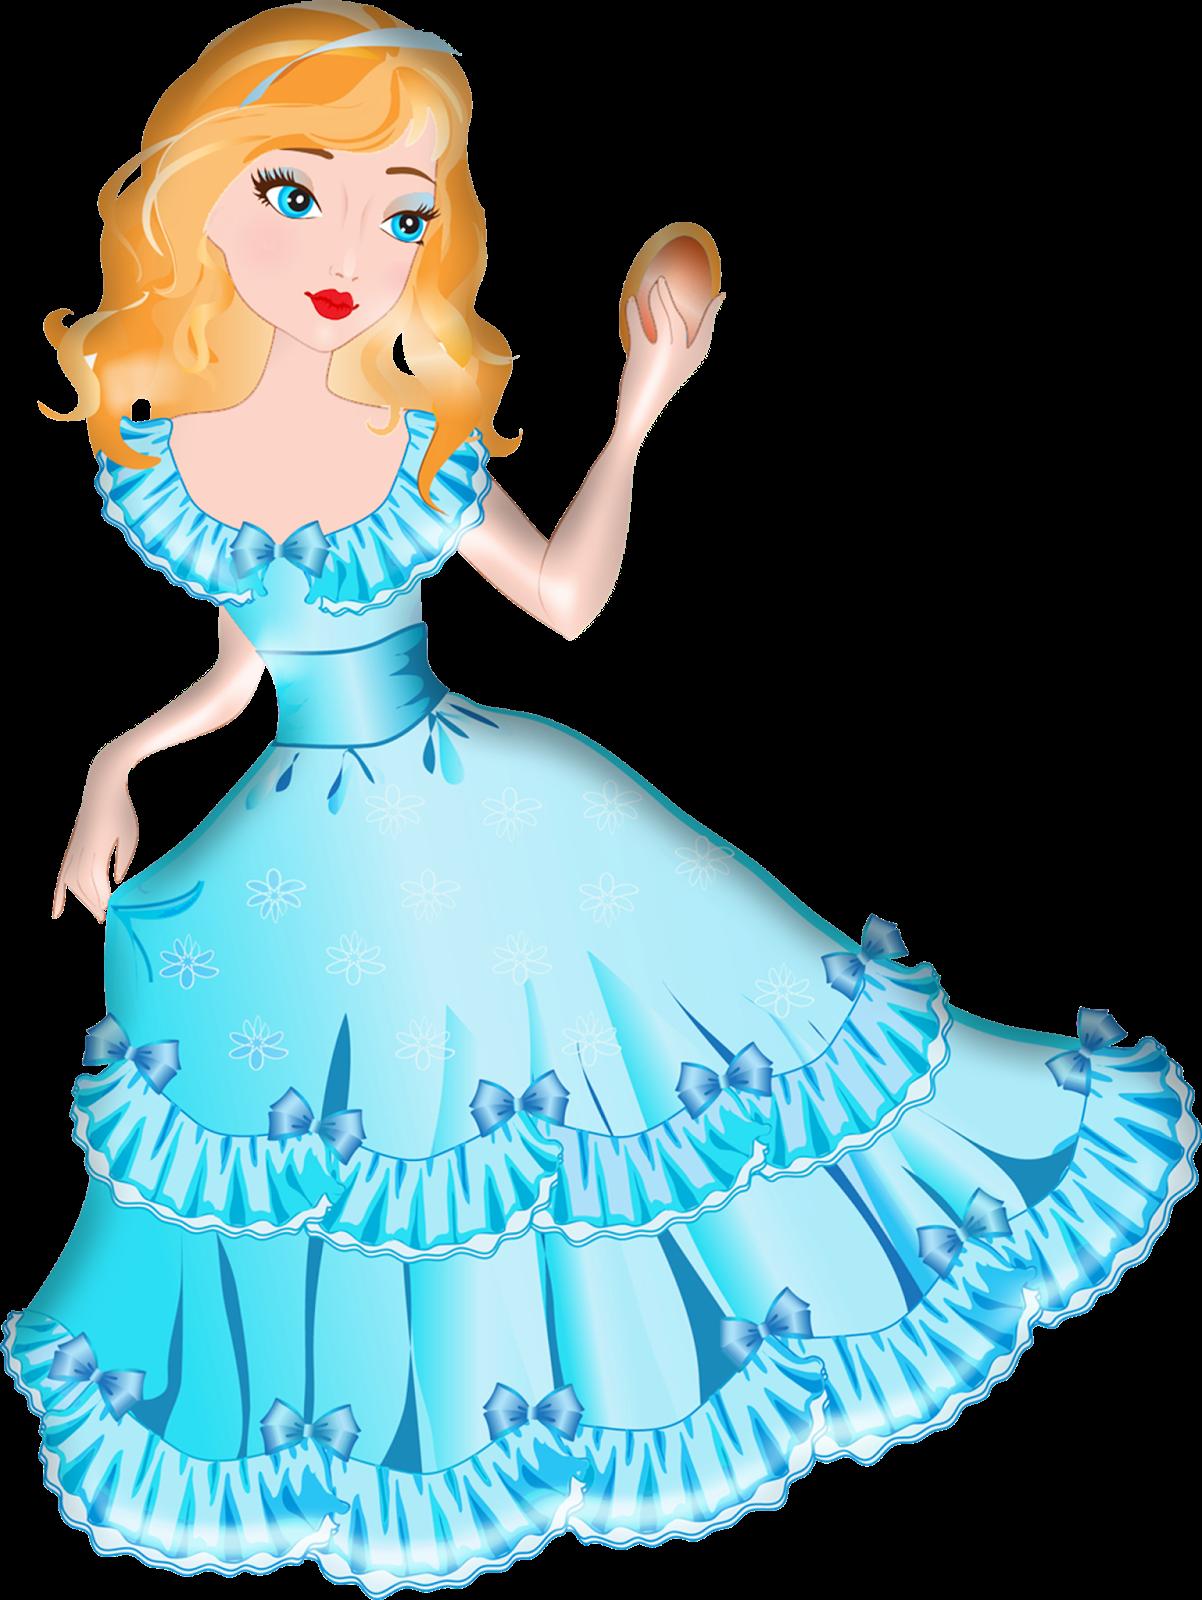 Clipart de Cuento de Hadas y Princesas.